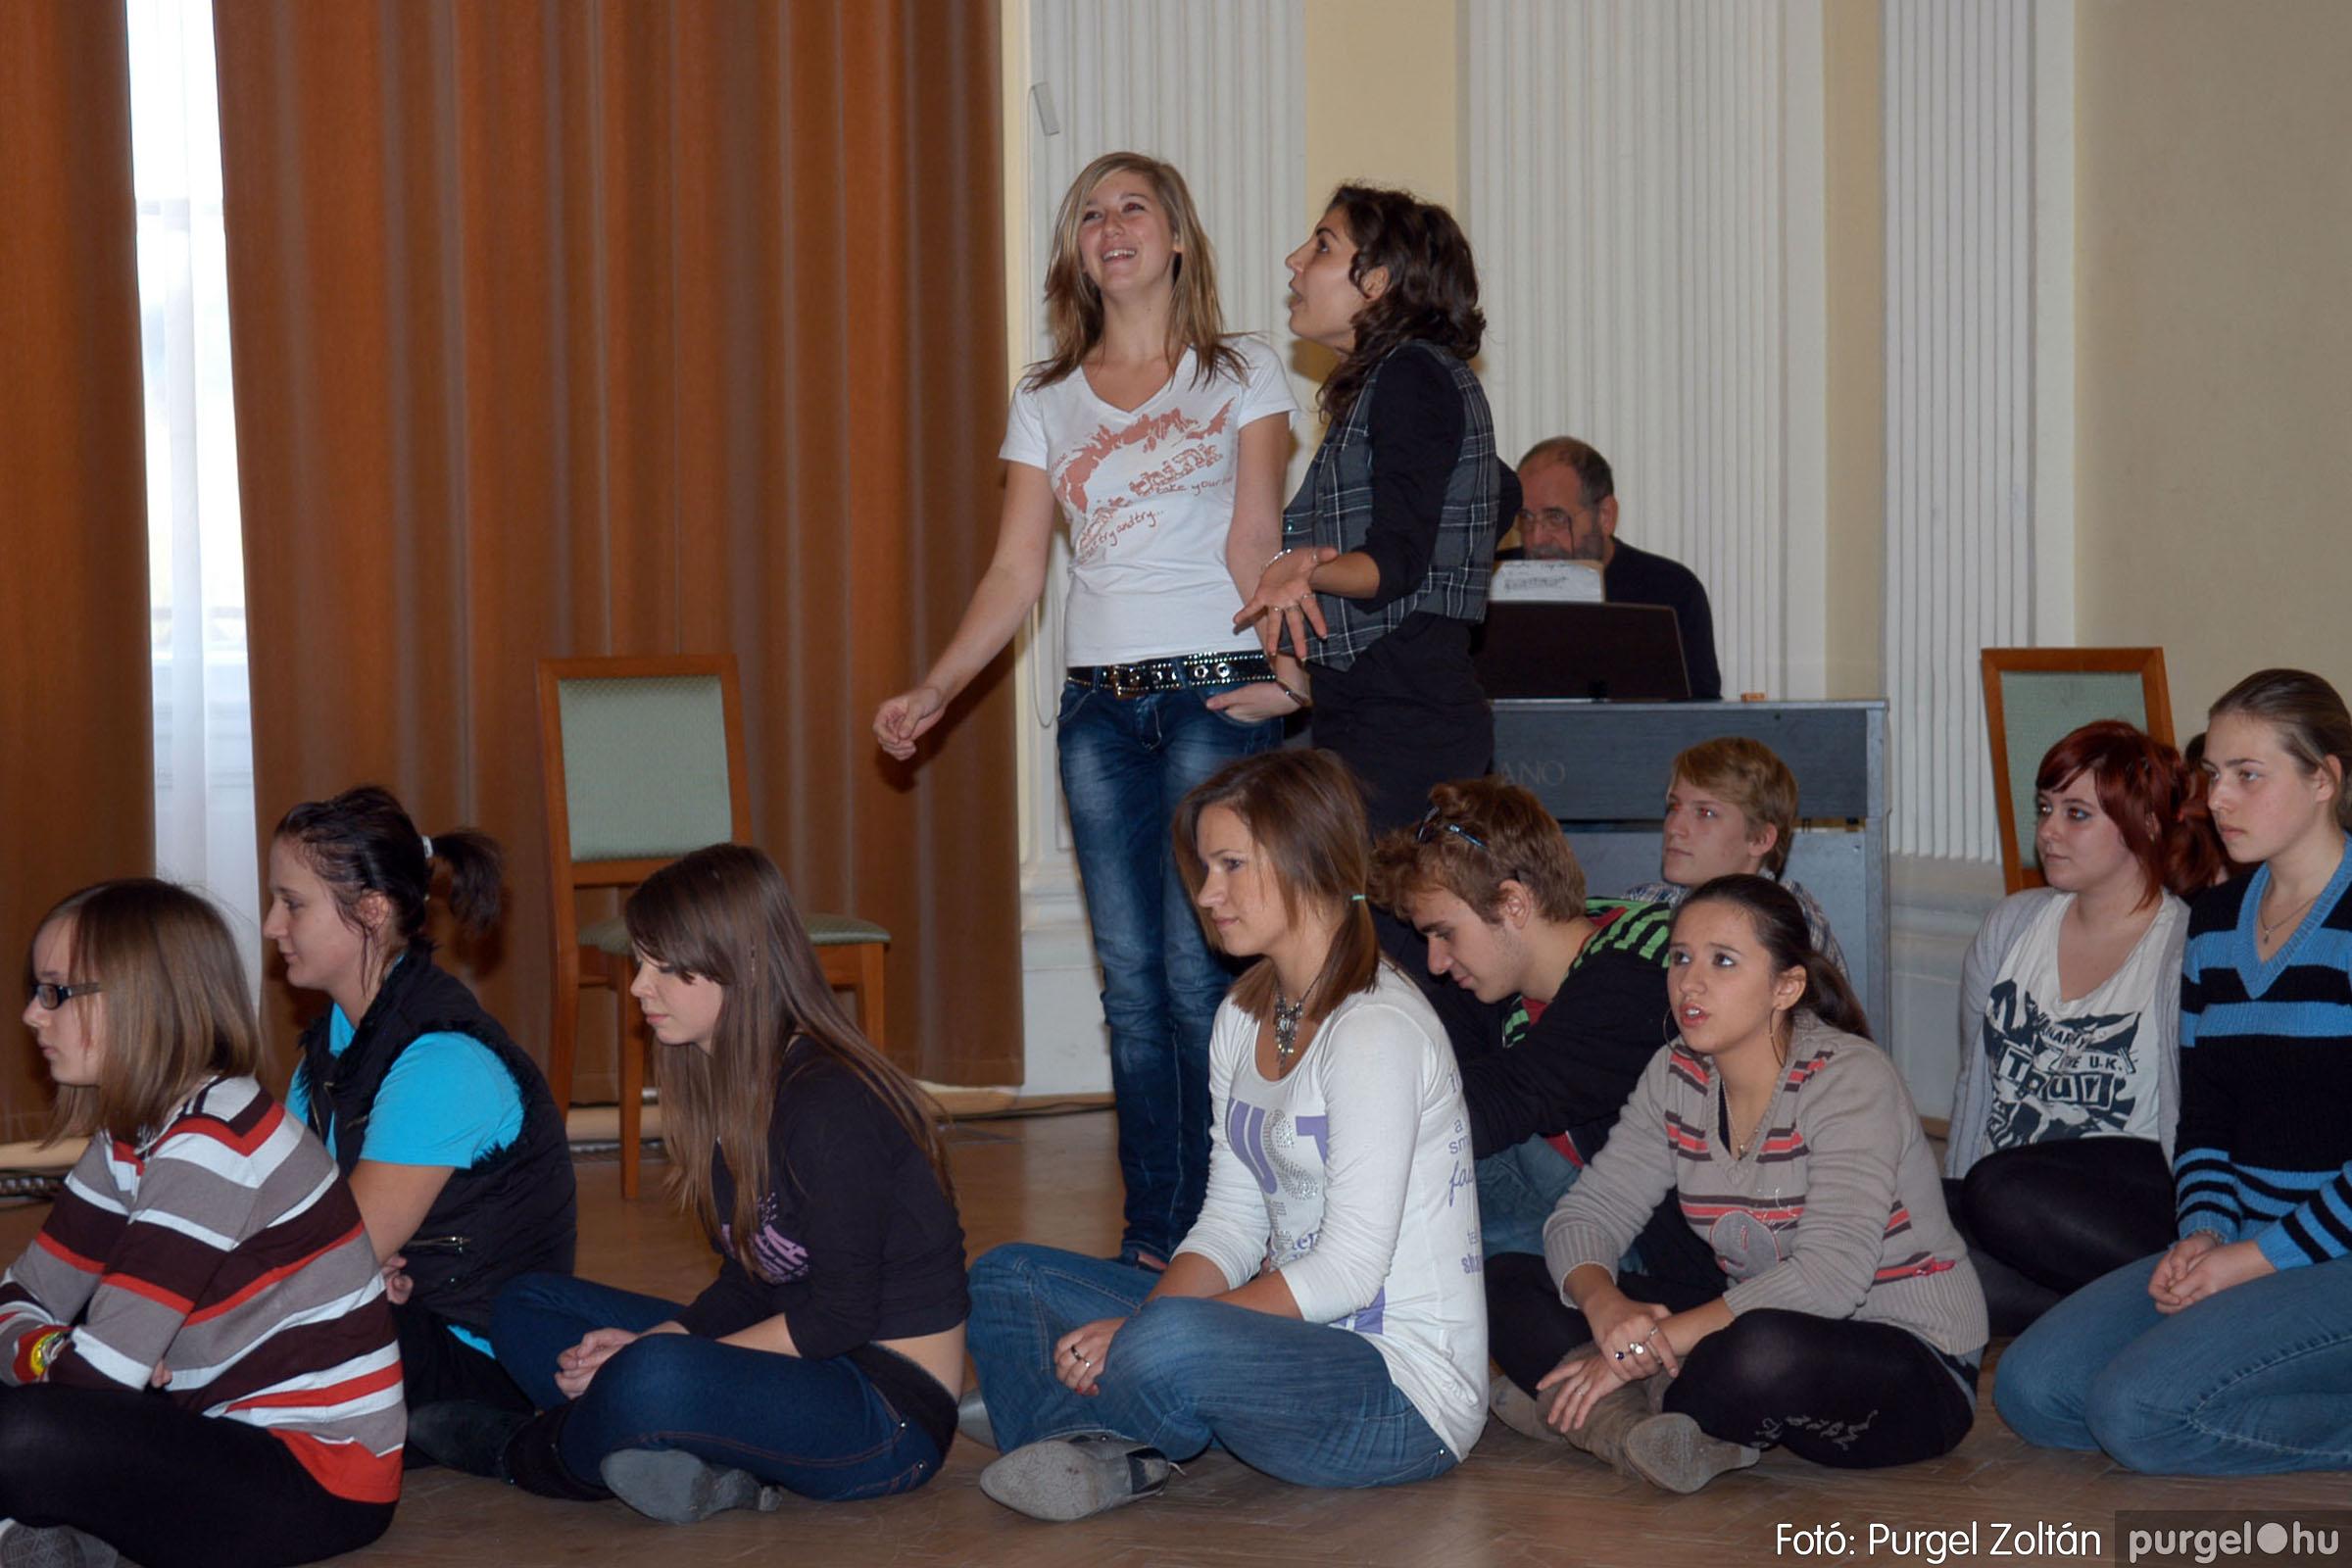 2010.10.28. 110 Szegvár és Vidéke Takarékszövetkezet takarékossági világnap rendezvény - Fotó:P. Z..jpg